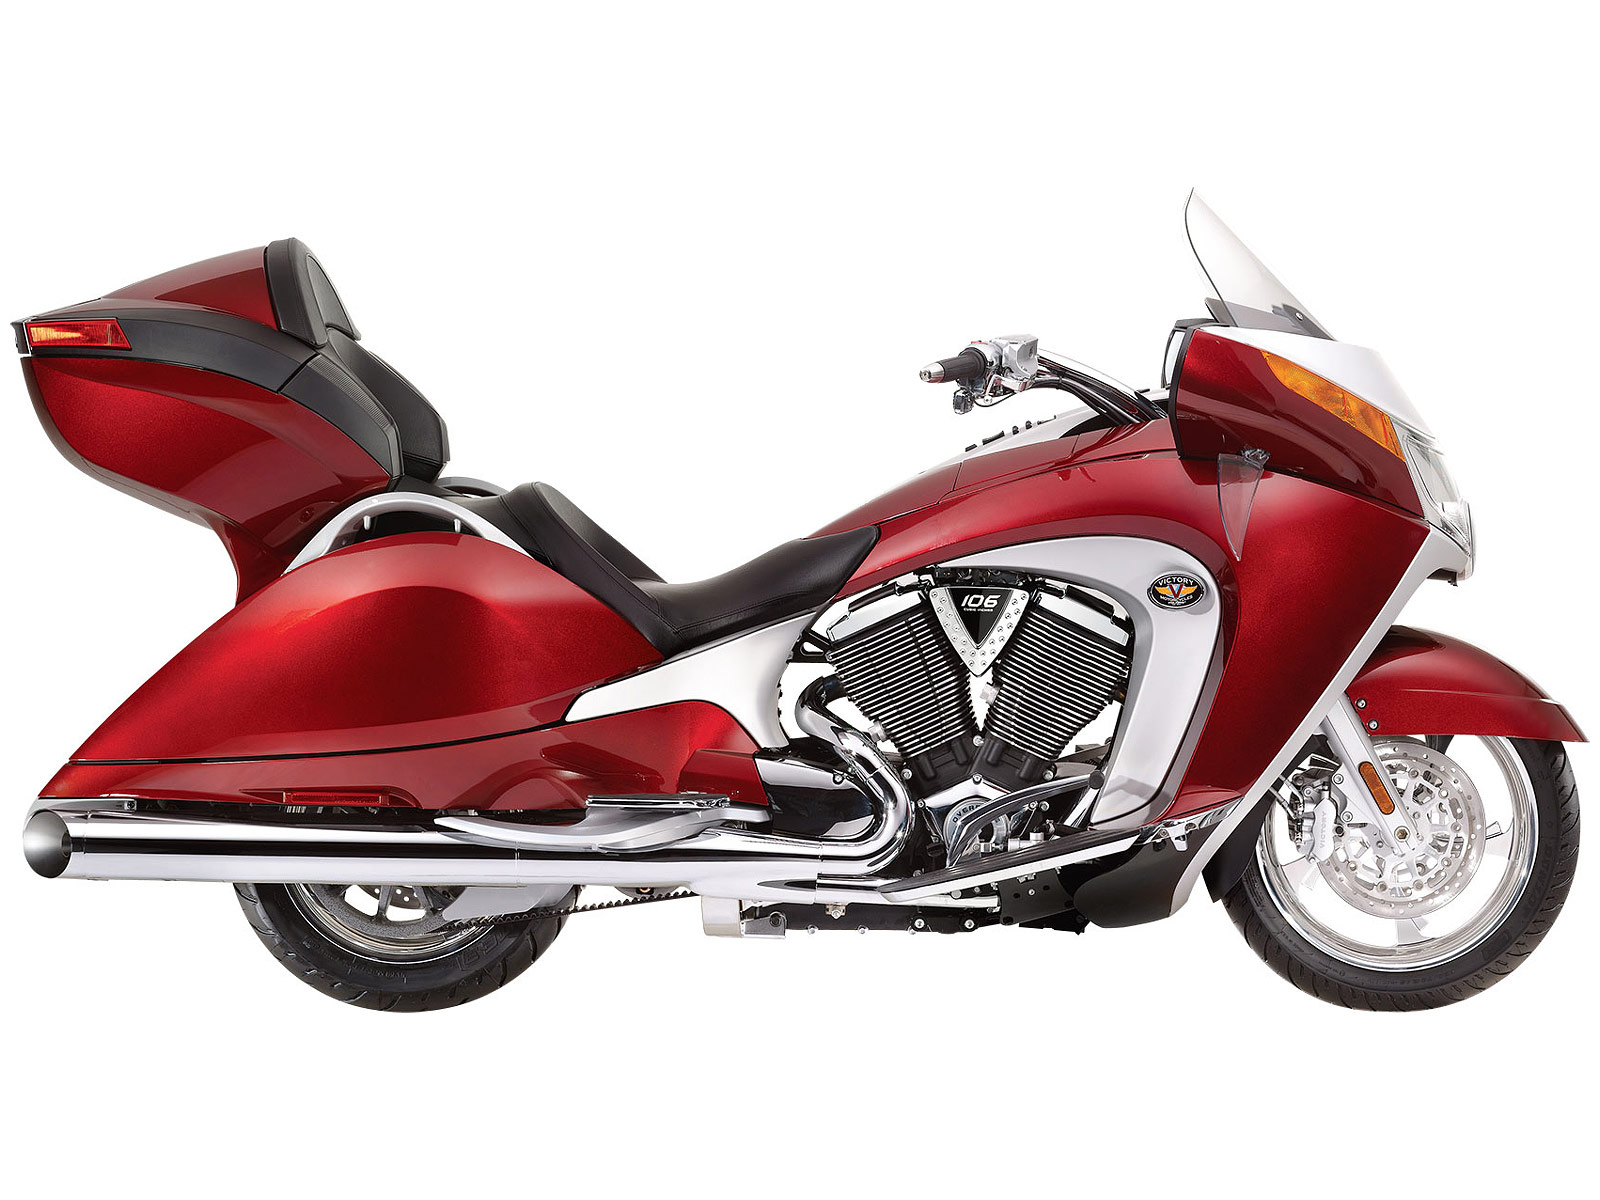 http://2.bp.blogspot.com/-DKmFz00skLM/Tm7IFFNKR_I/AAAAAAAAA3g/Sm_B7W61klQ/s1600/Victory-Vision-Tour_2010_motorcycle-desktop-wallpaper_4.jpg